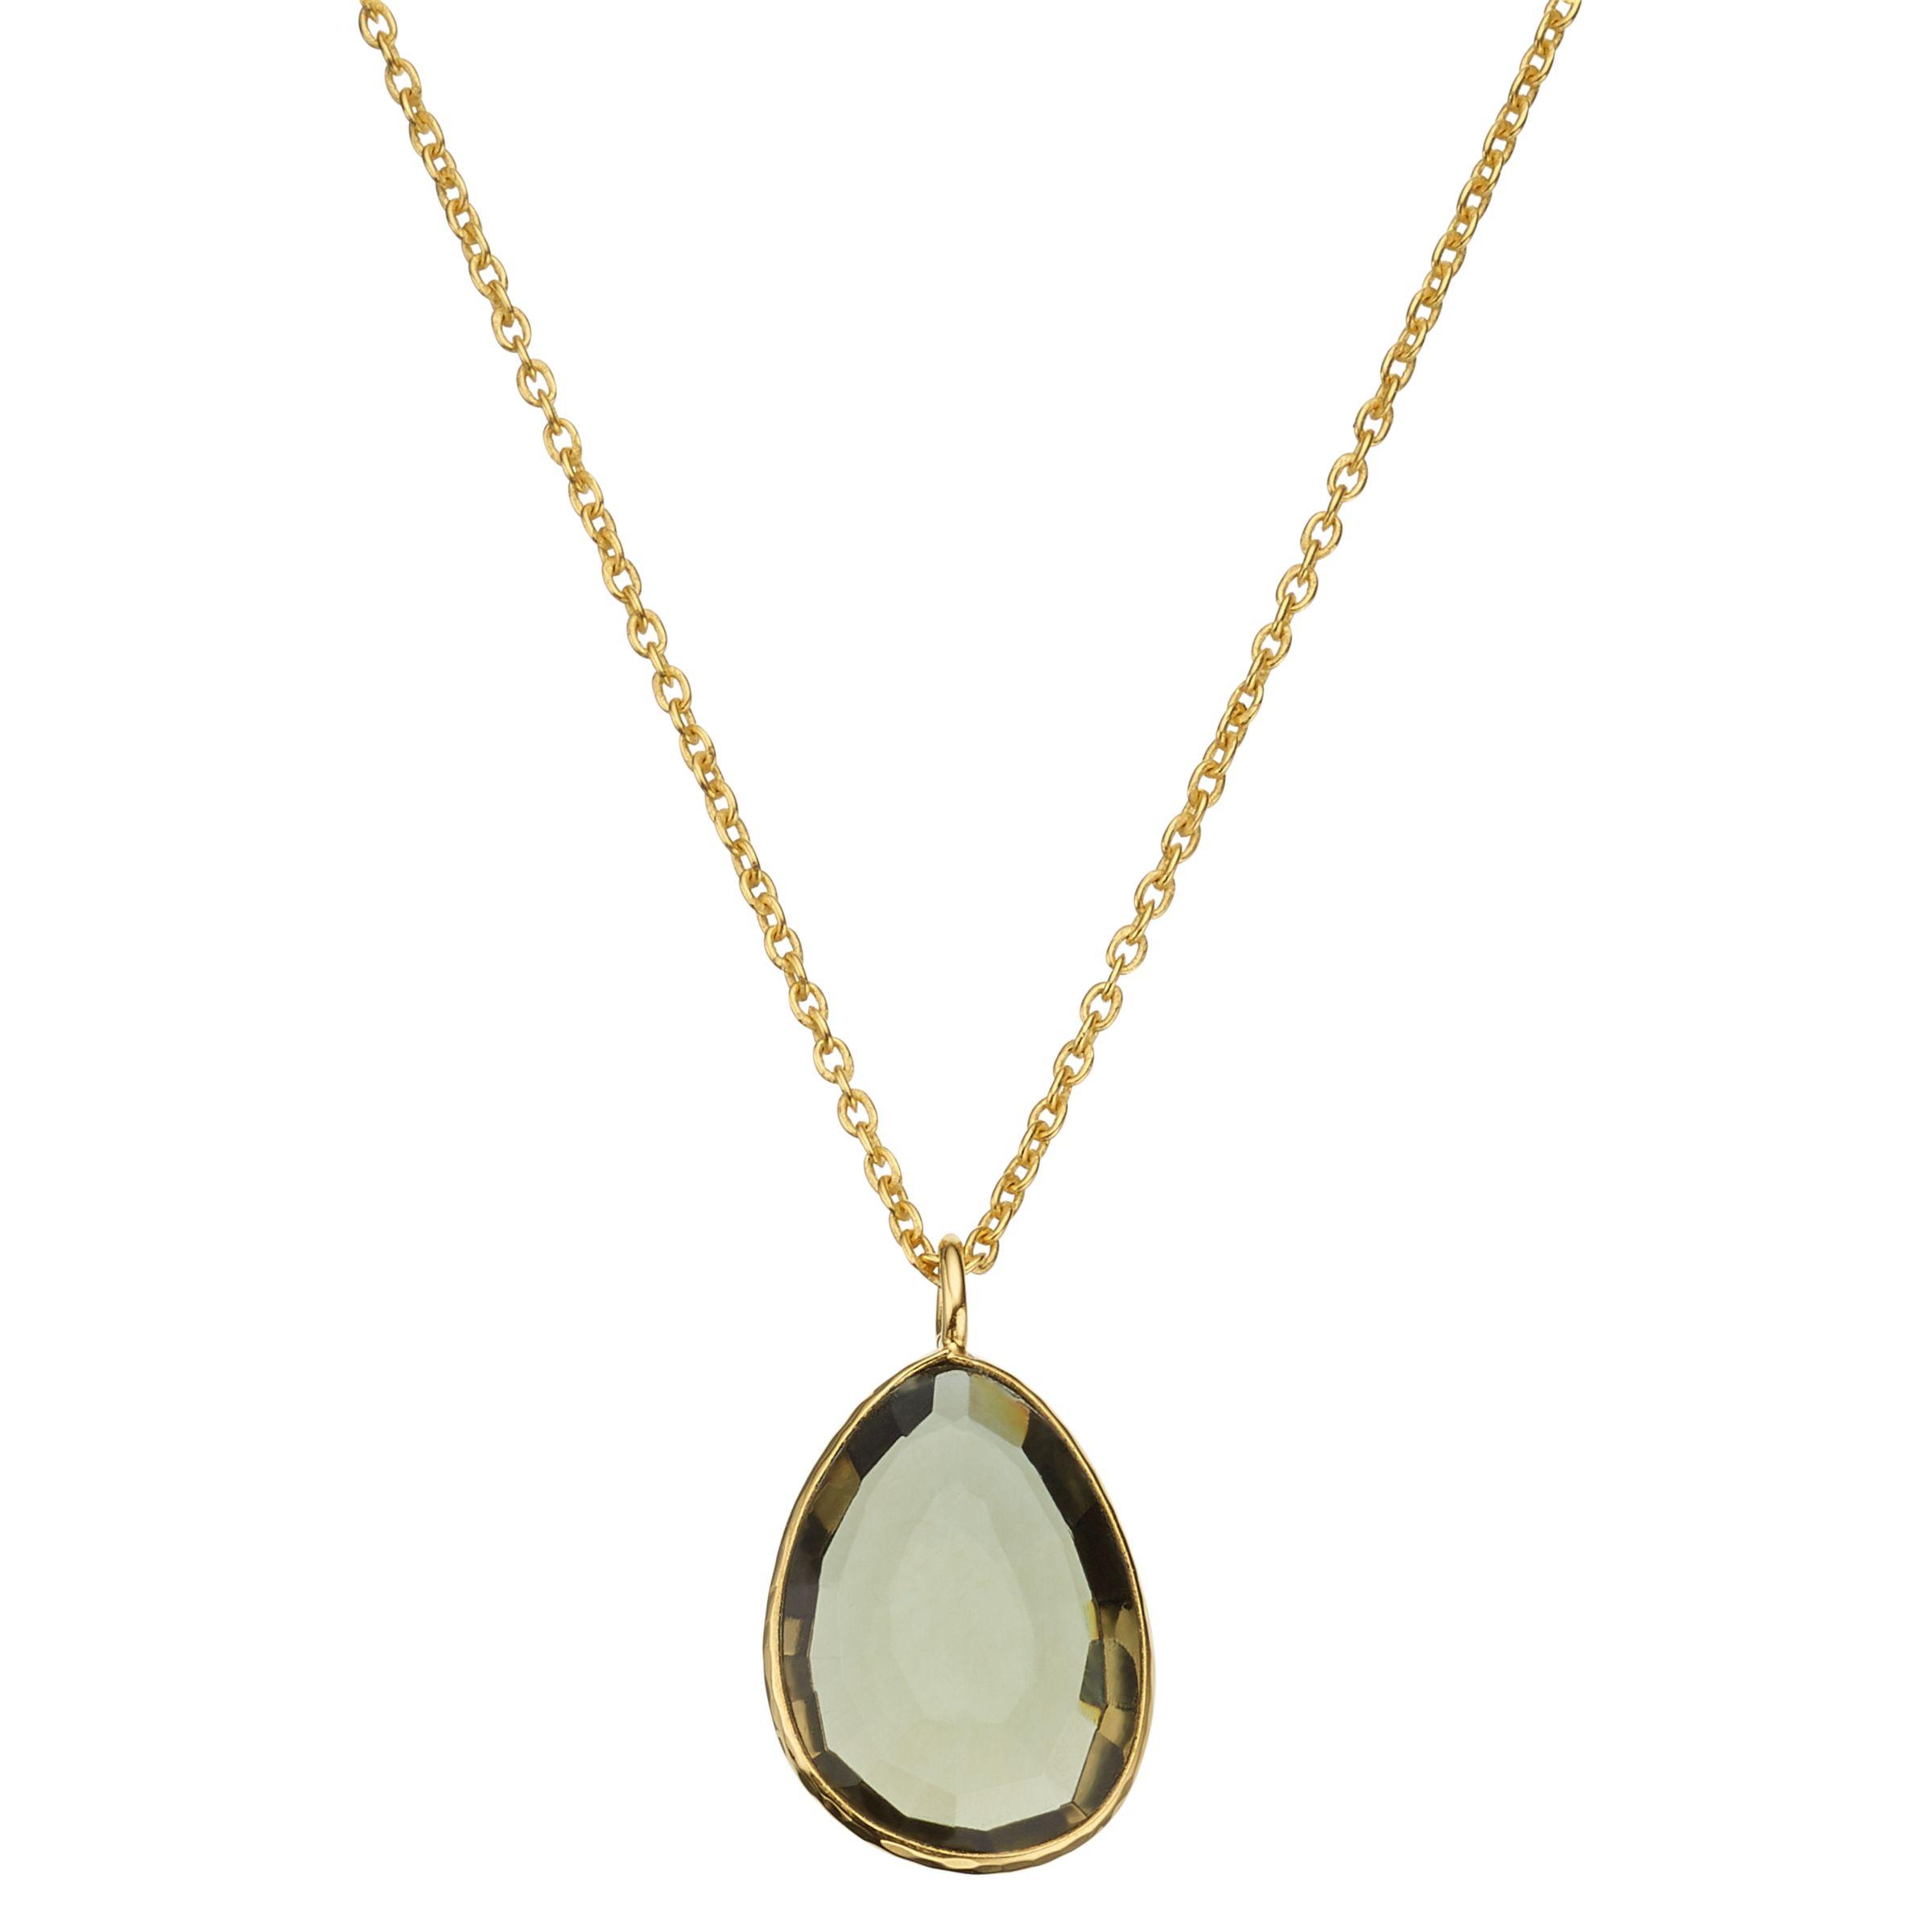 John Lewis Gemstones John Lewis Gemstones Organic Shape Quartz Pendant Necklace, Gold/Khaki